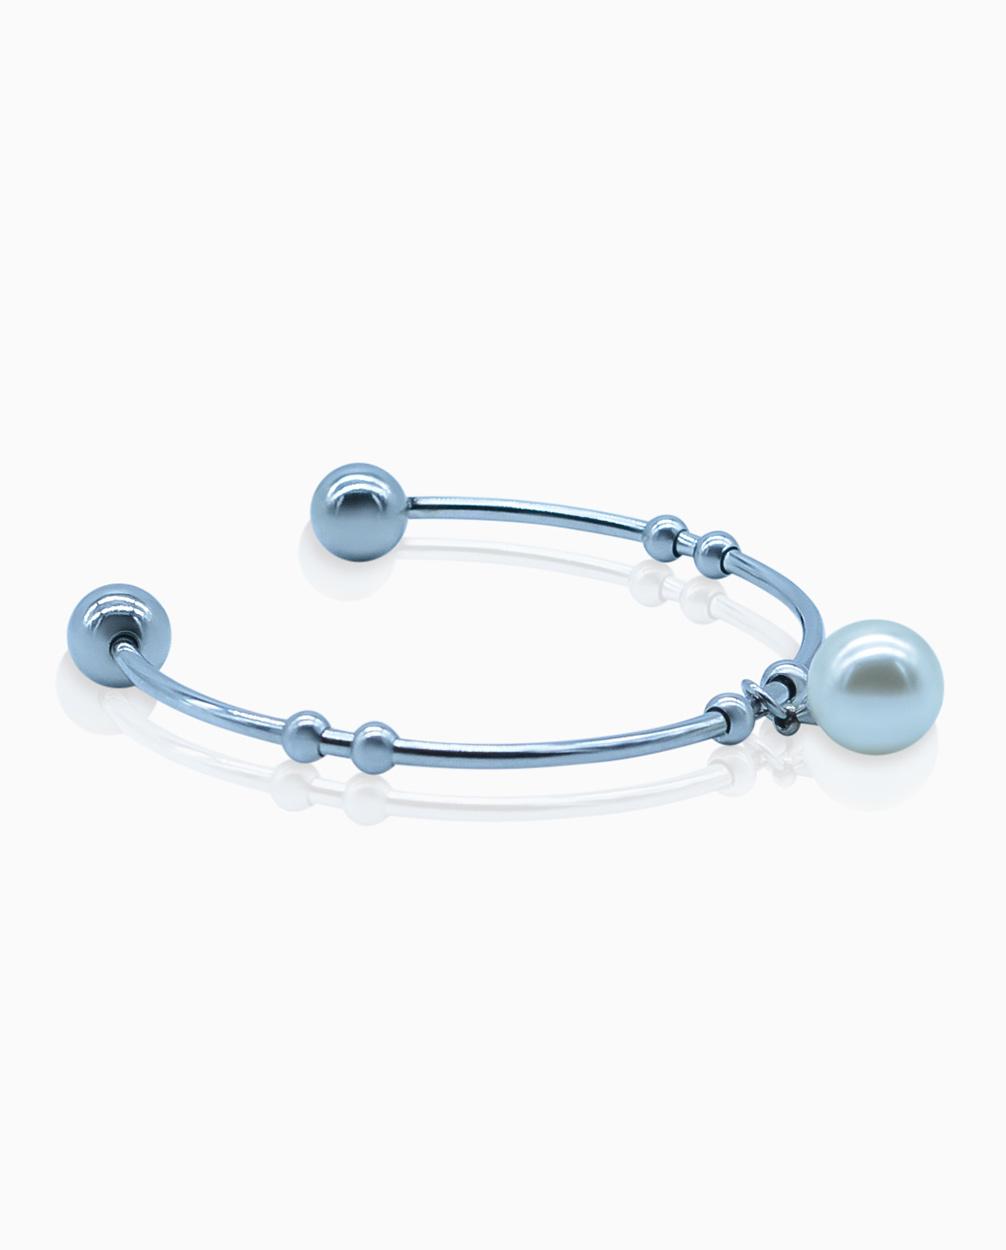 Womens-Pearl-Cuff-Bracelet-Sterling-Silver